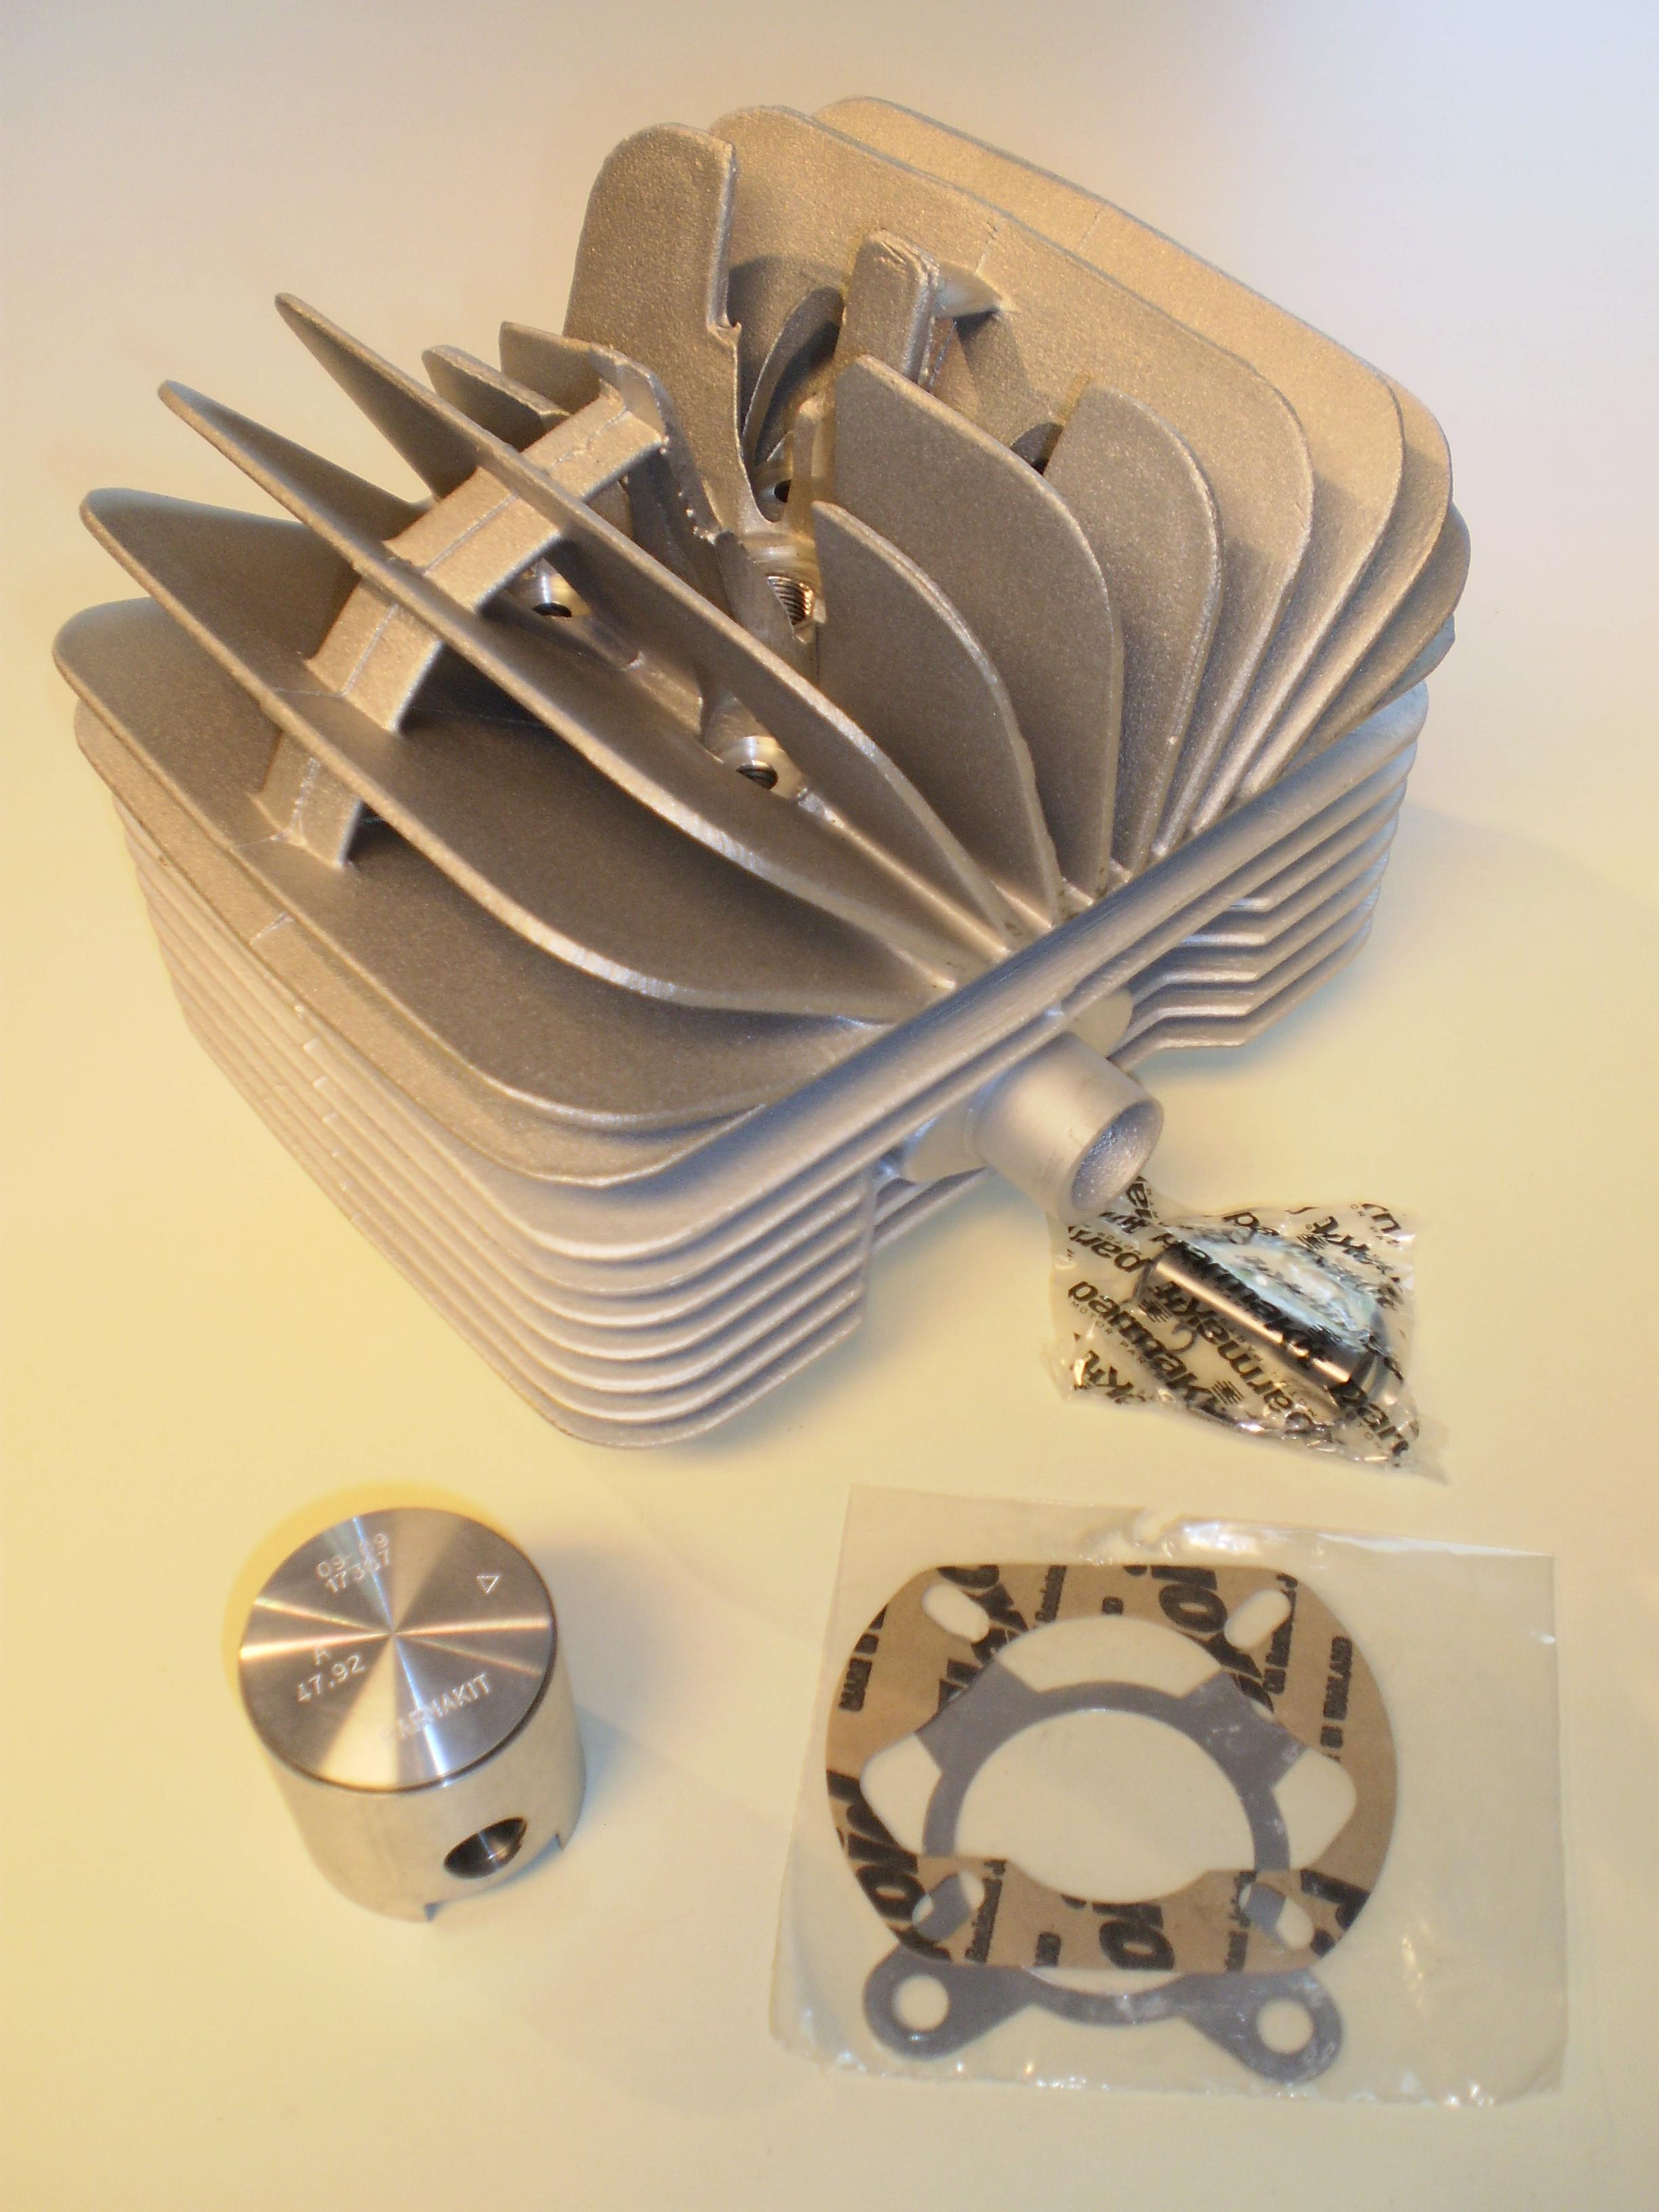 sachs motor manual